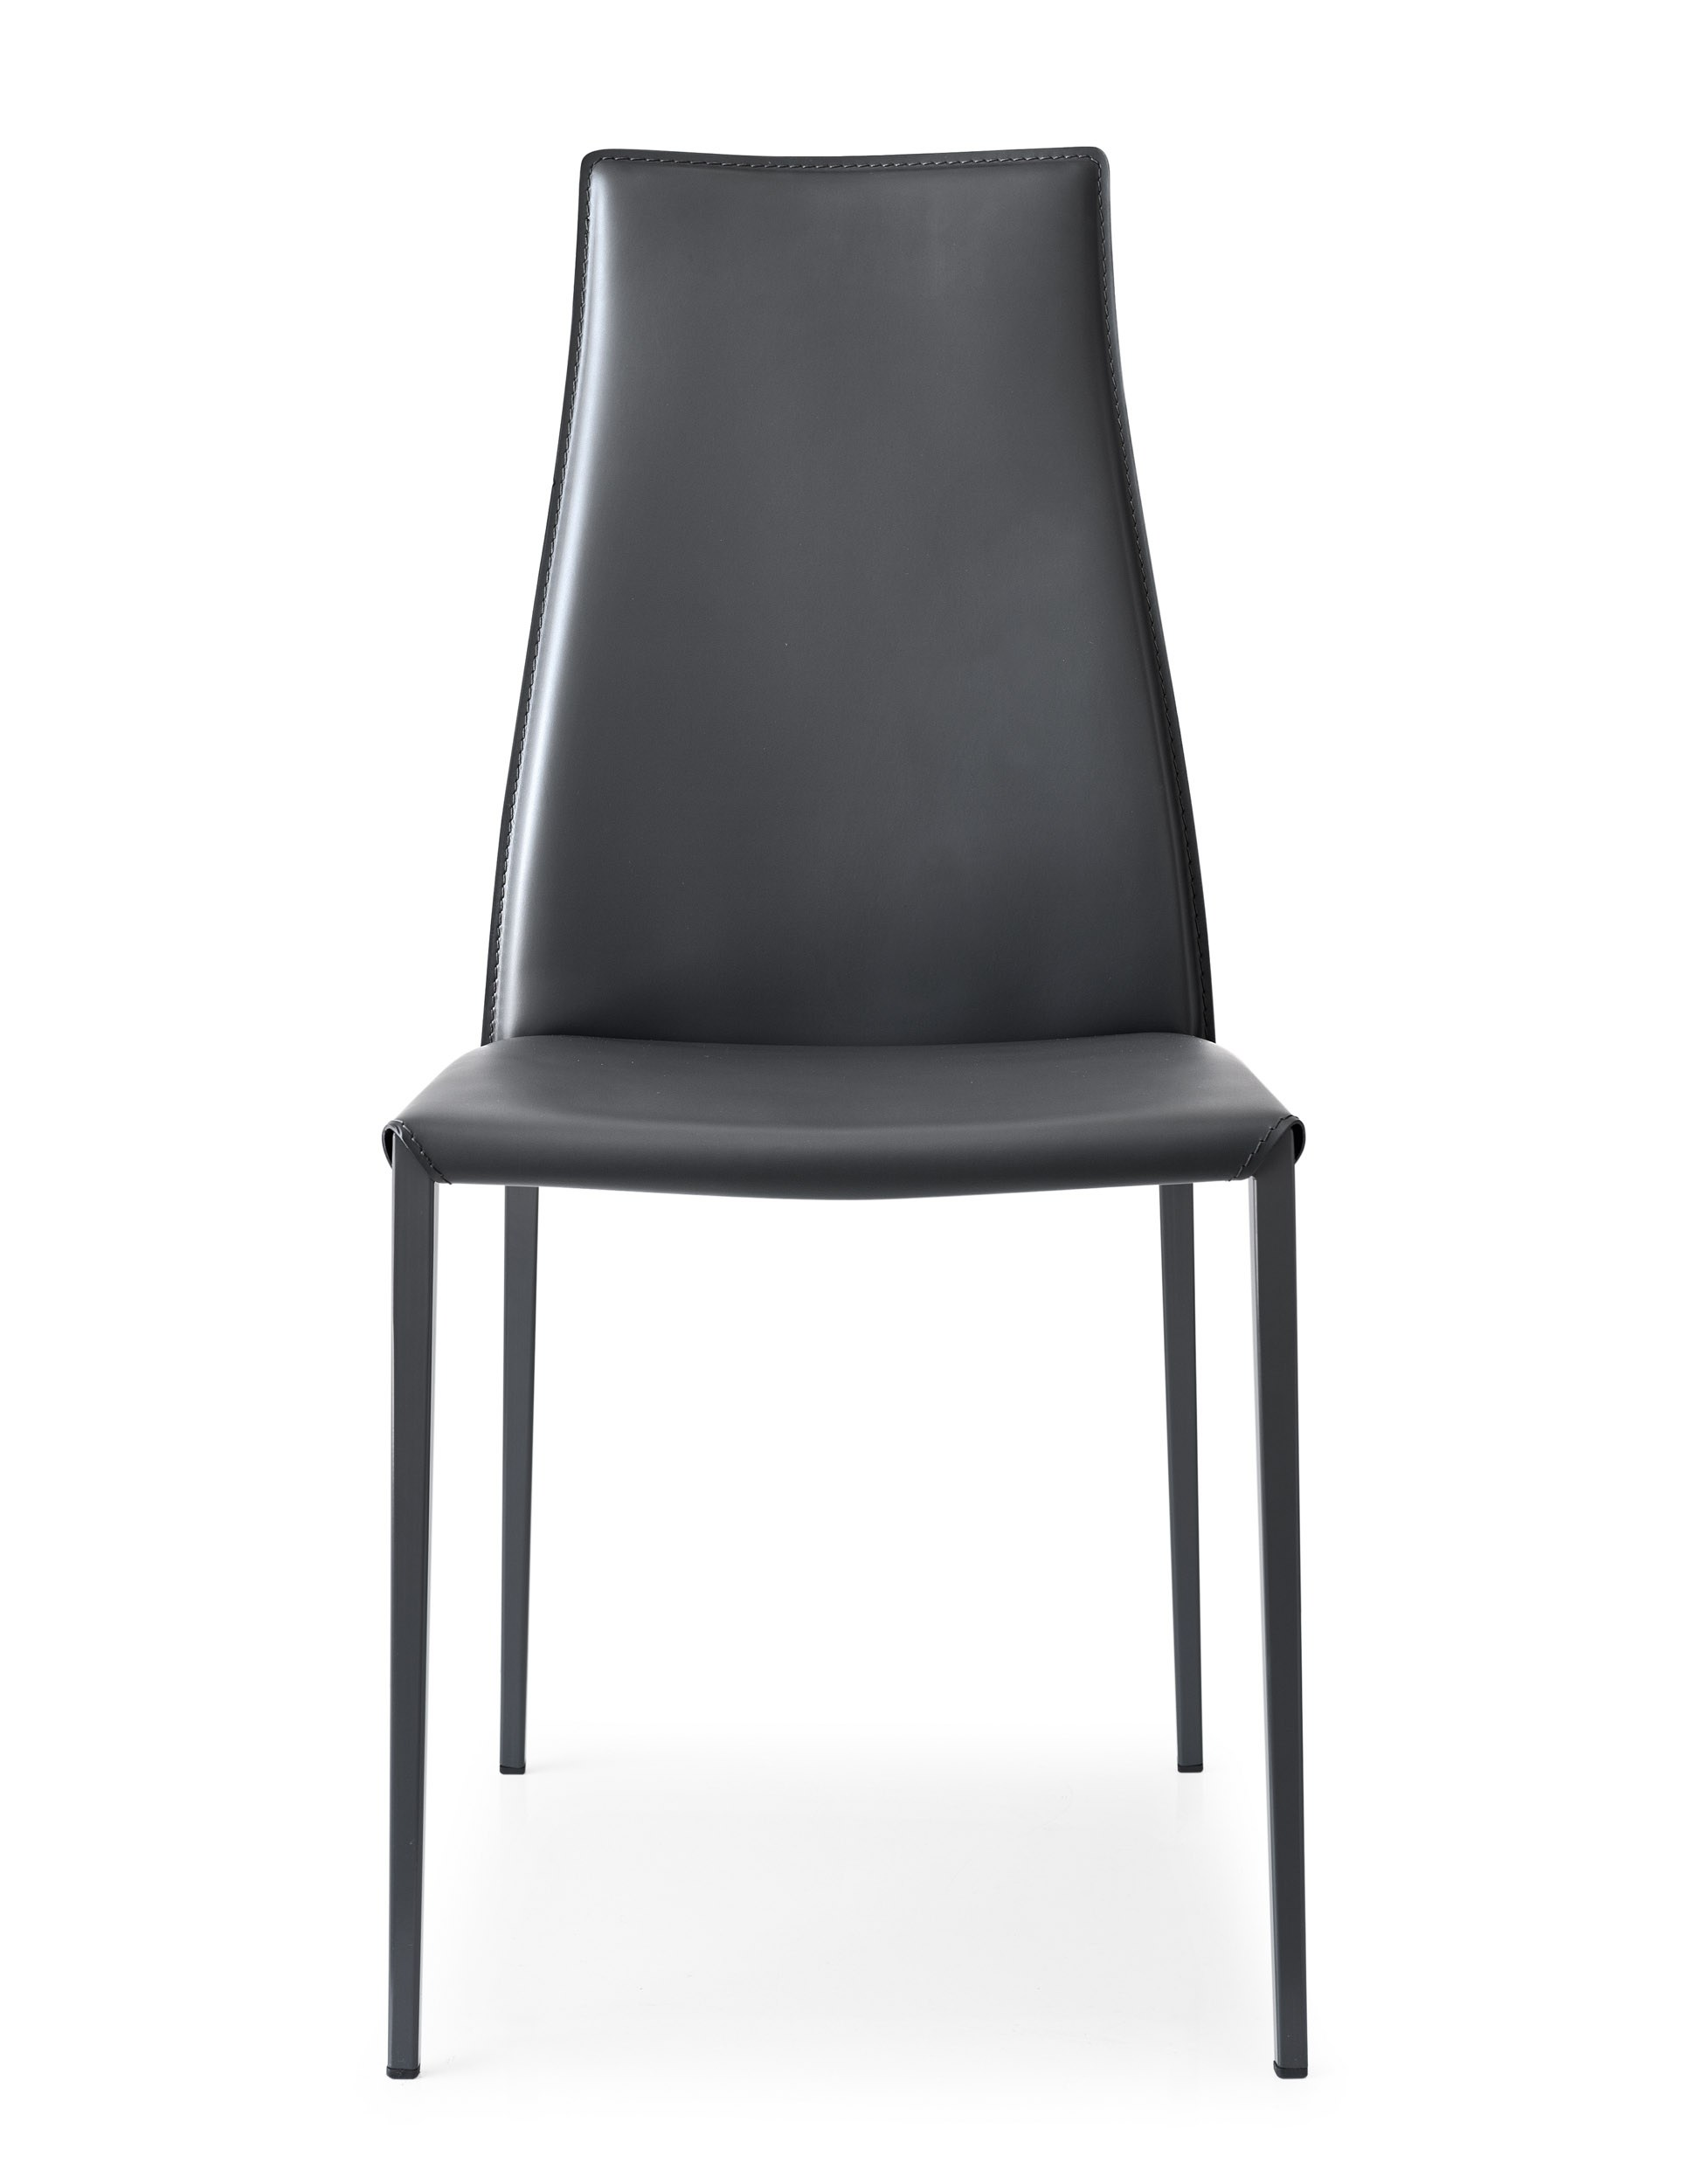 Aida sedia in cuoio rigenerato by calligaris design studio 28 for Sedie cuoio prezzi